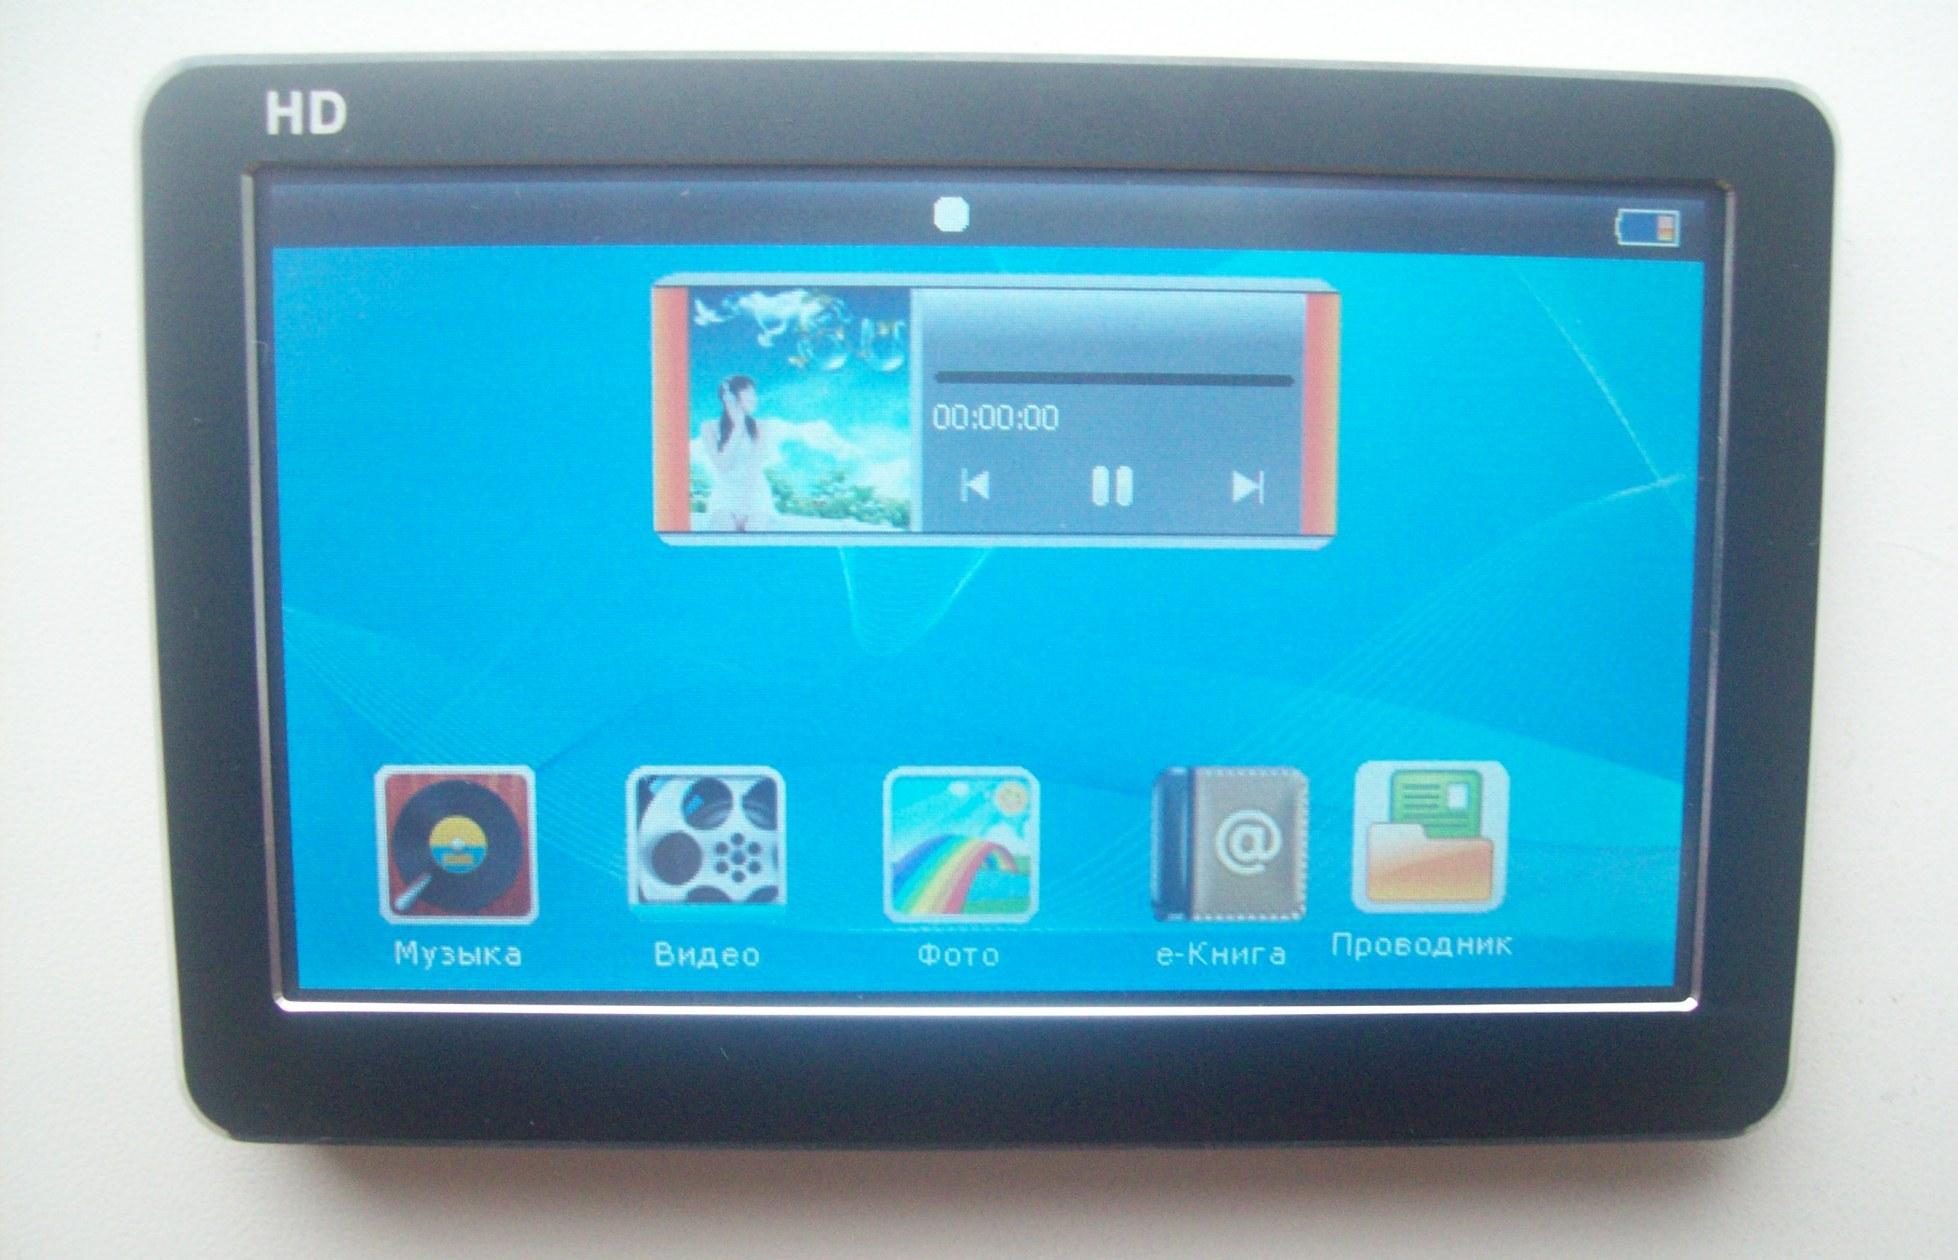 Цифровий відео аудіо плеєр SONY + електронна книга, зображення 1